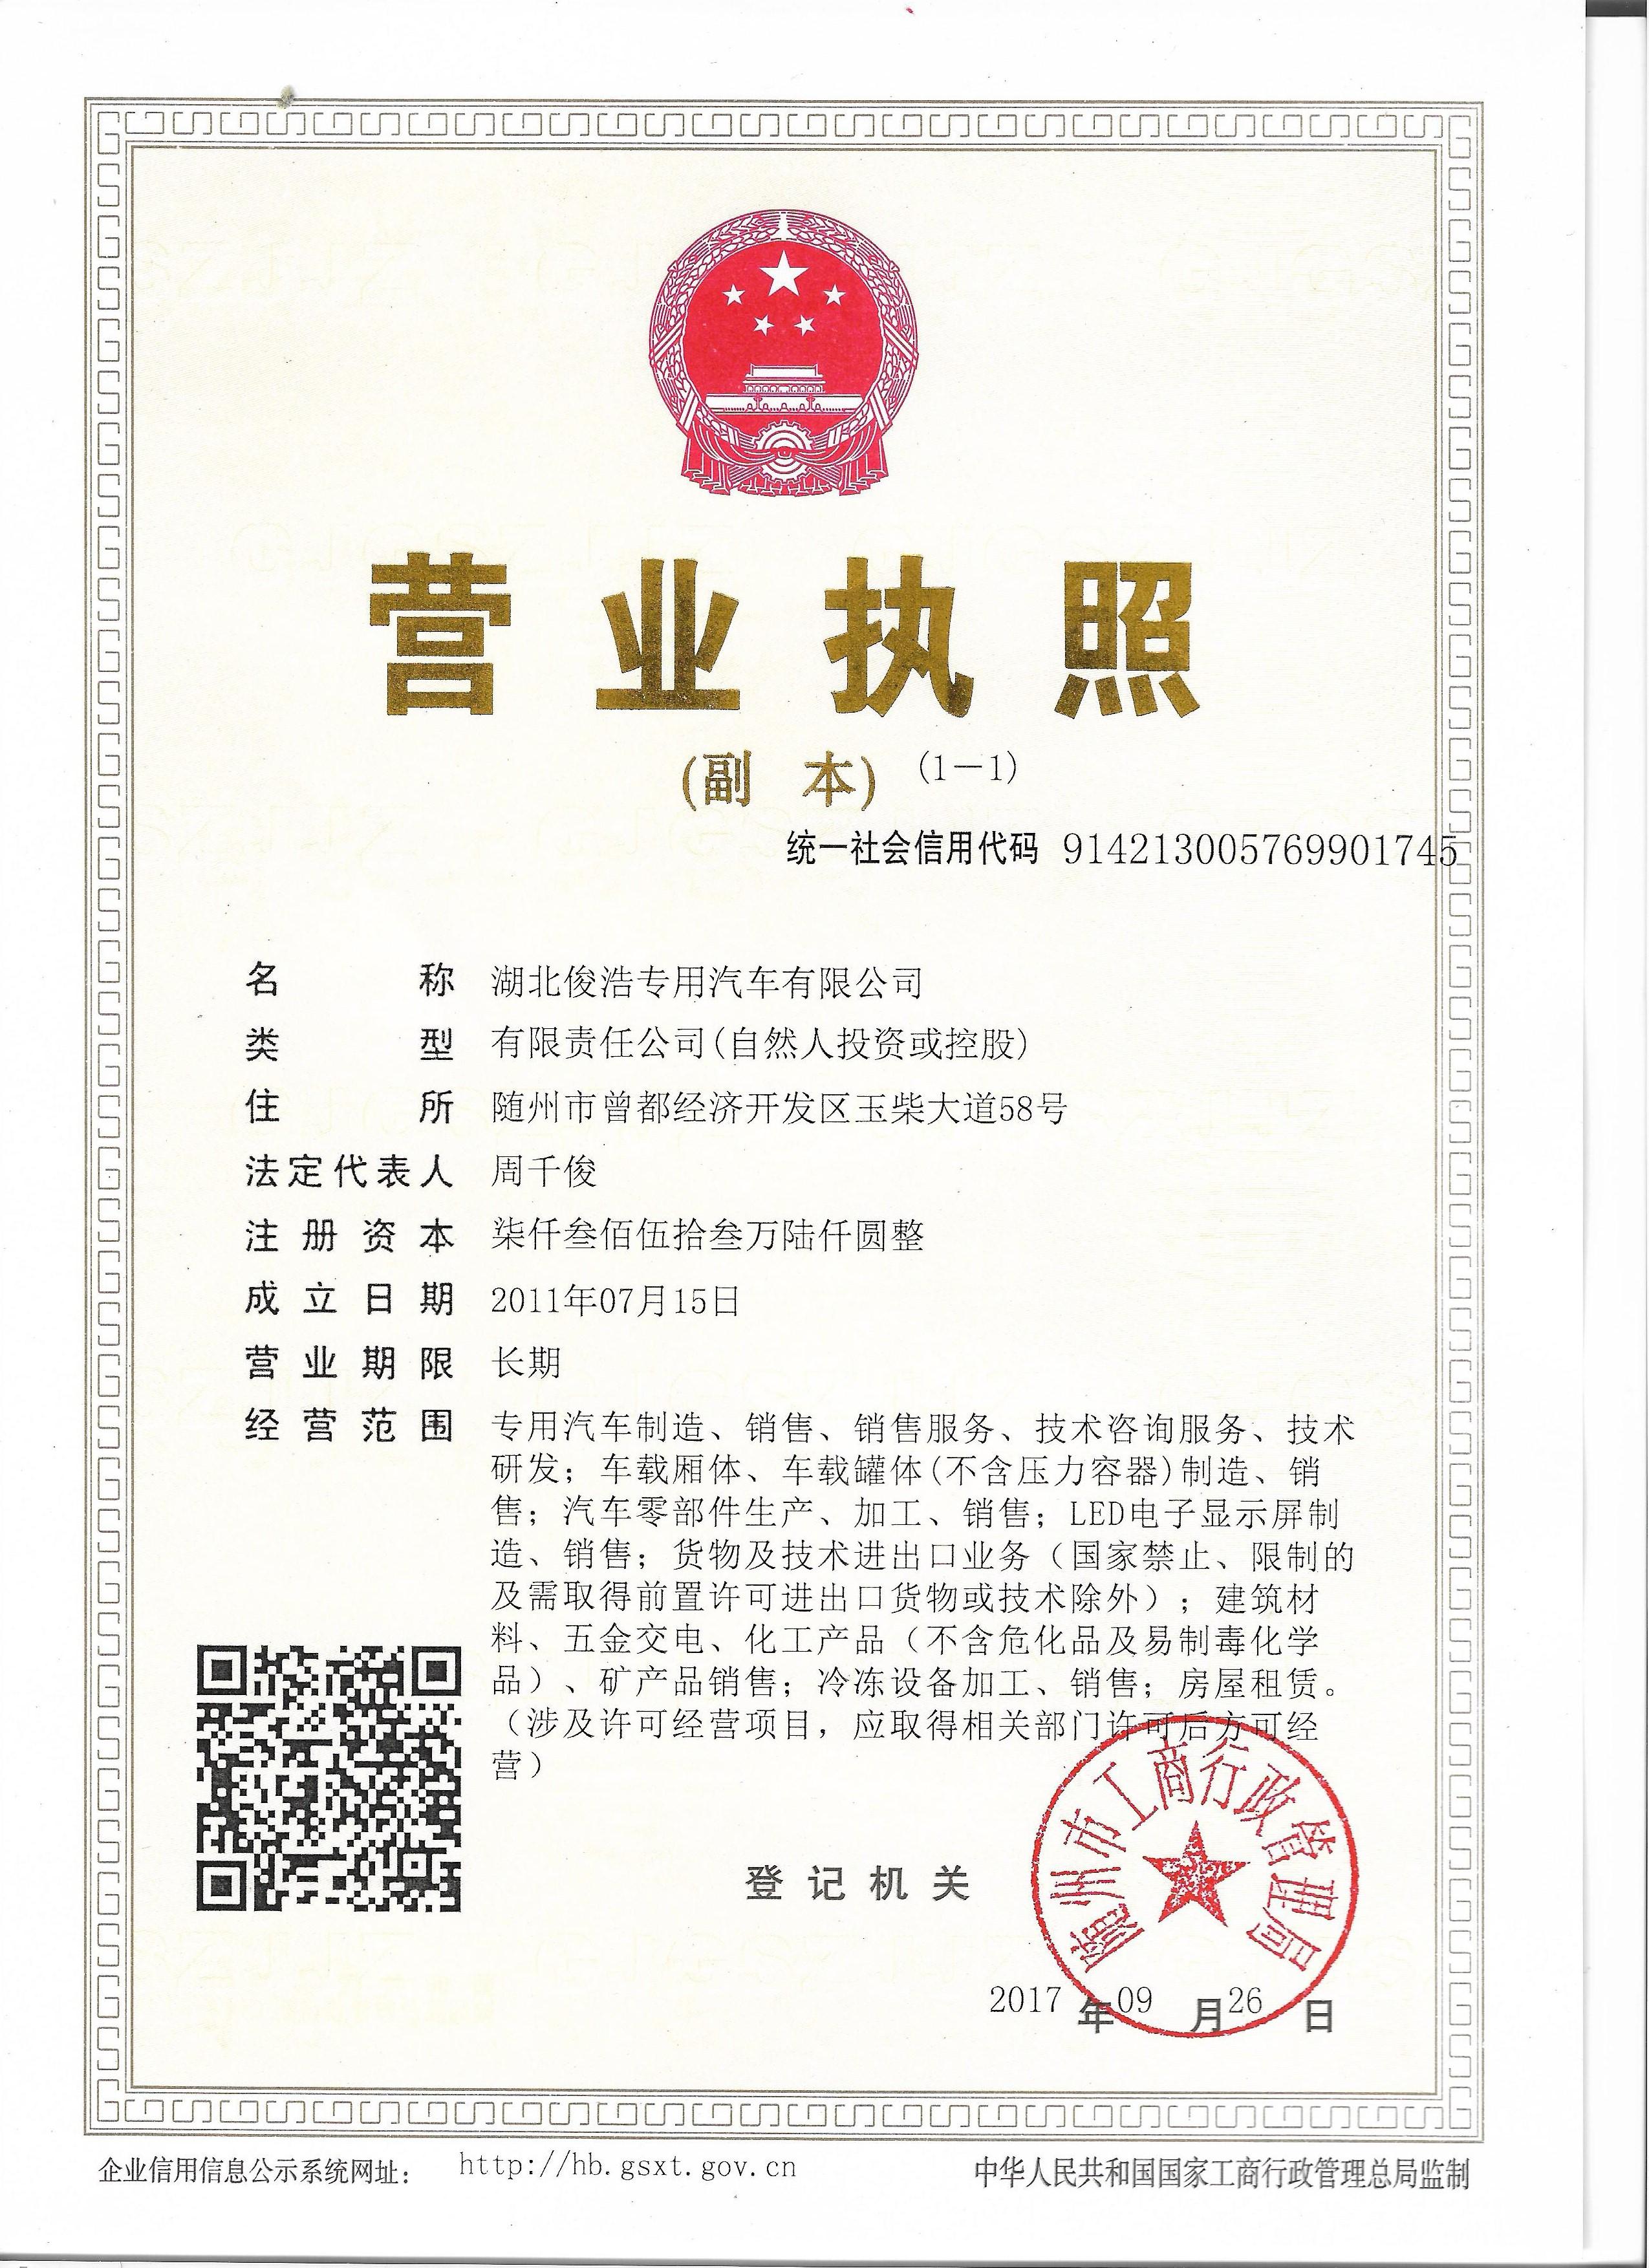 湖北俊浩最新营业执照